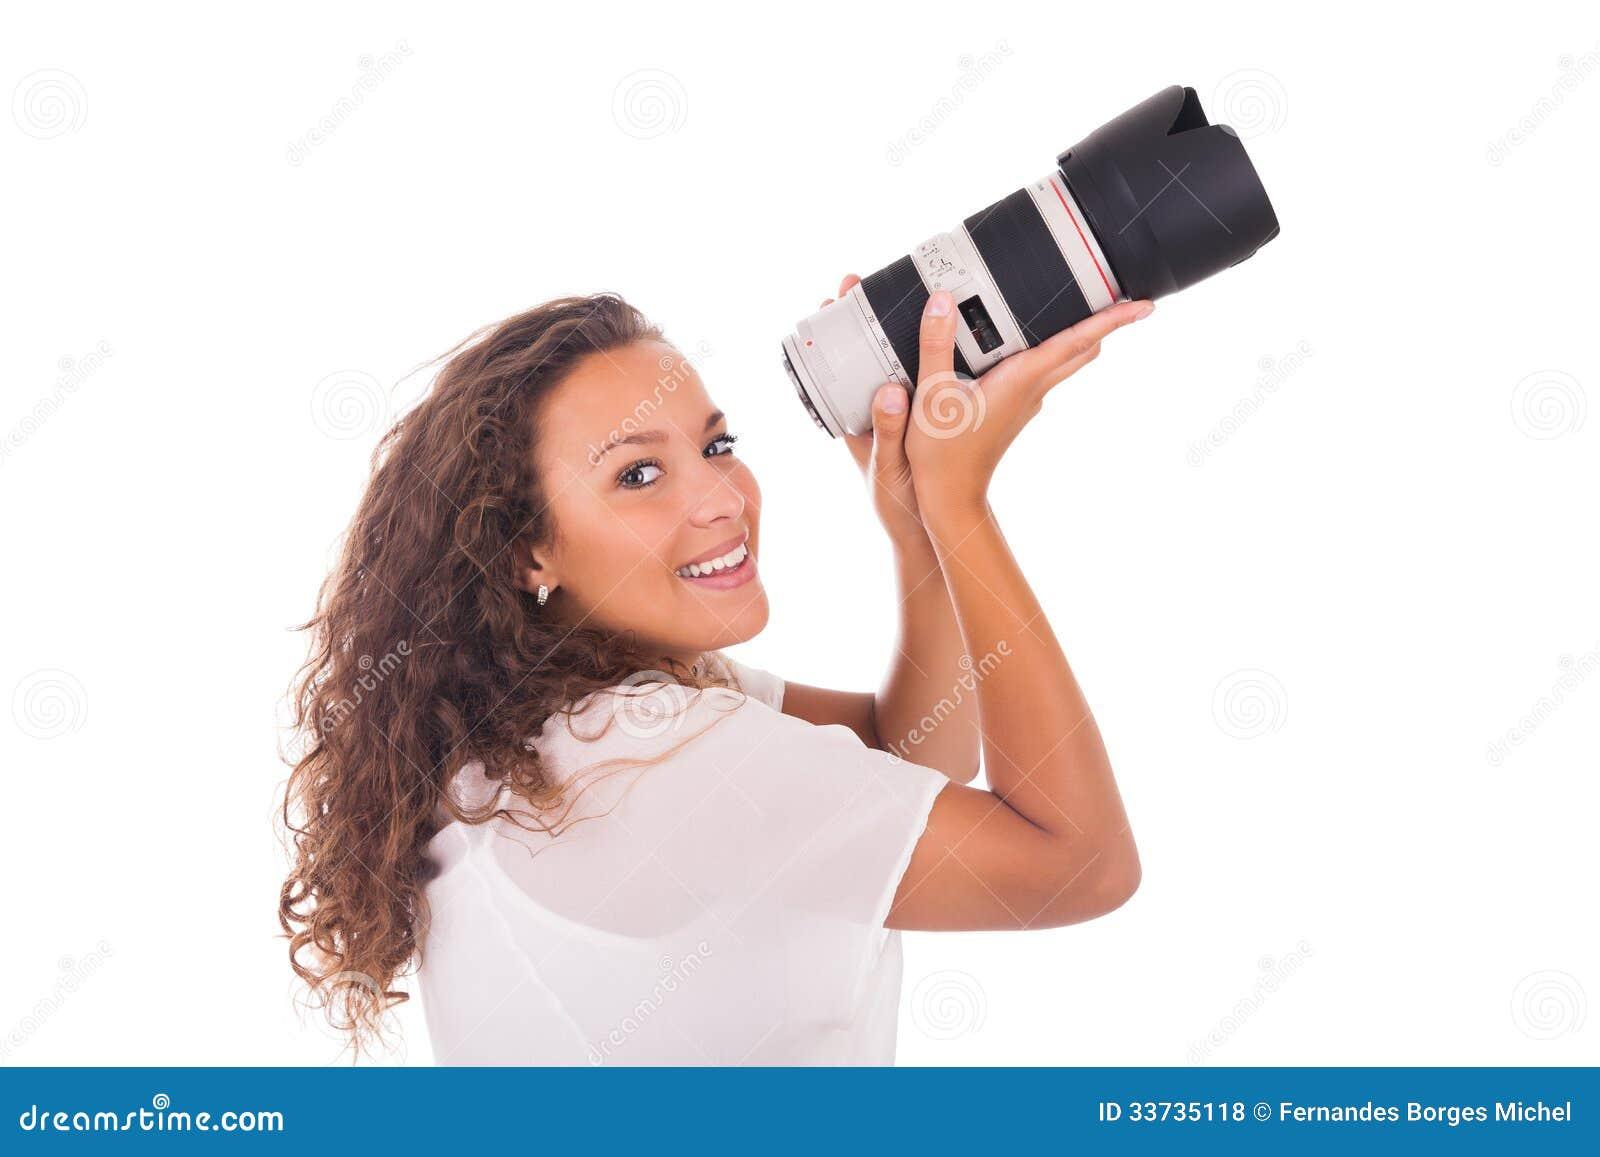 Милая женщина профессиональный фотограф с объективом фотоаппарата